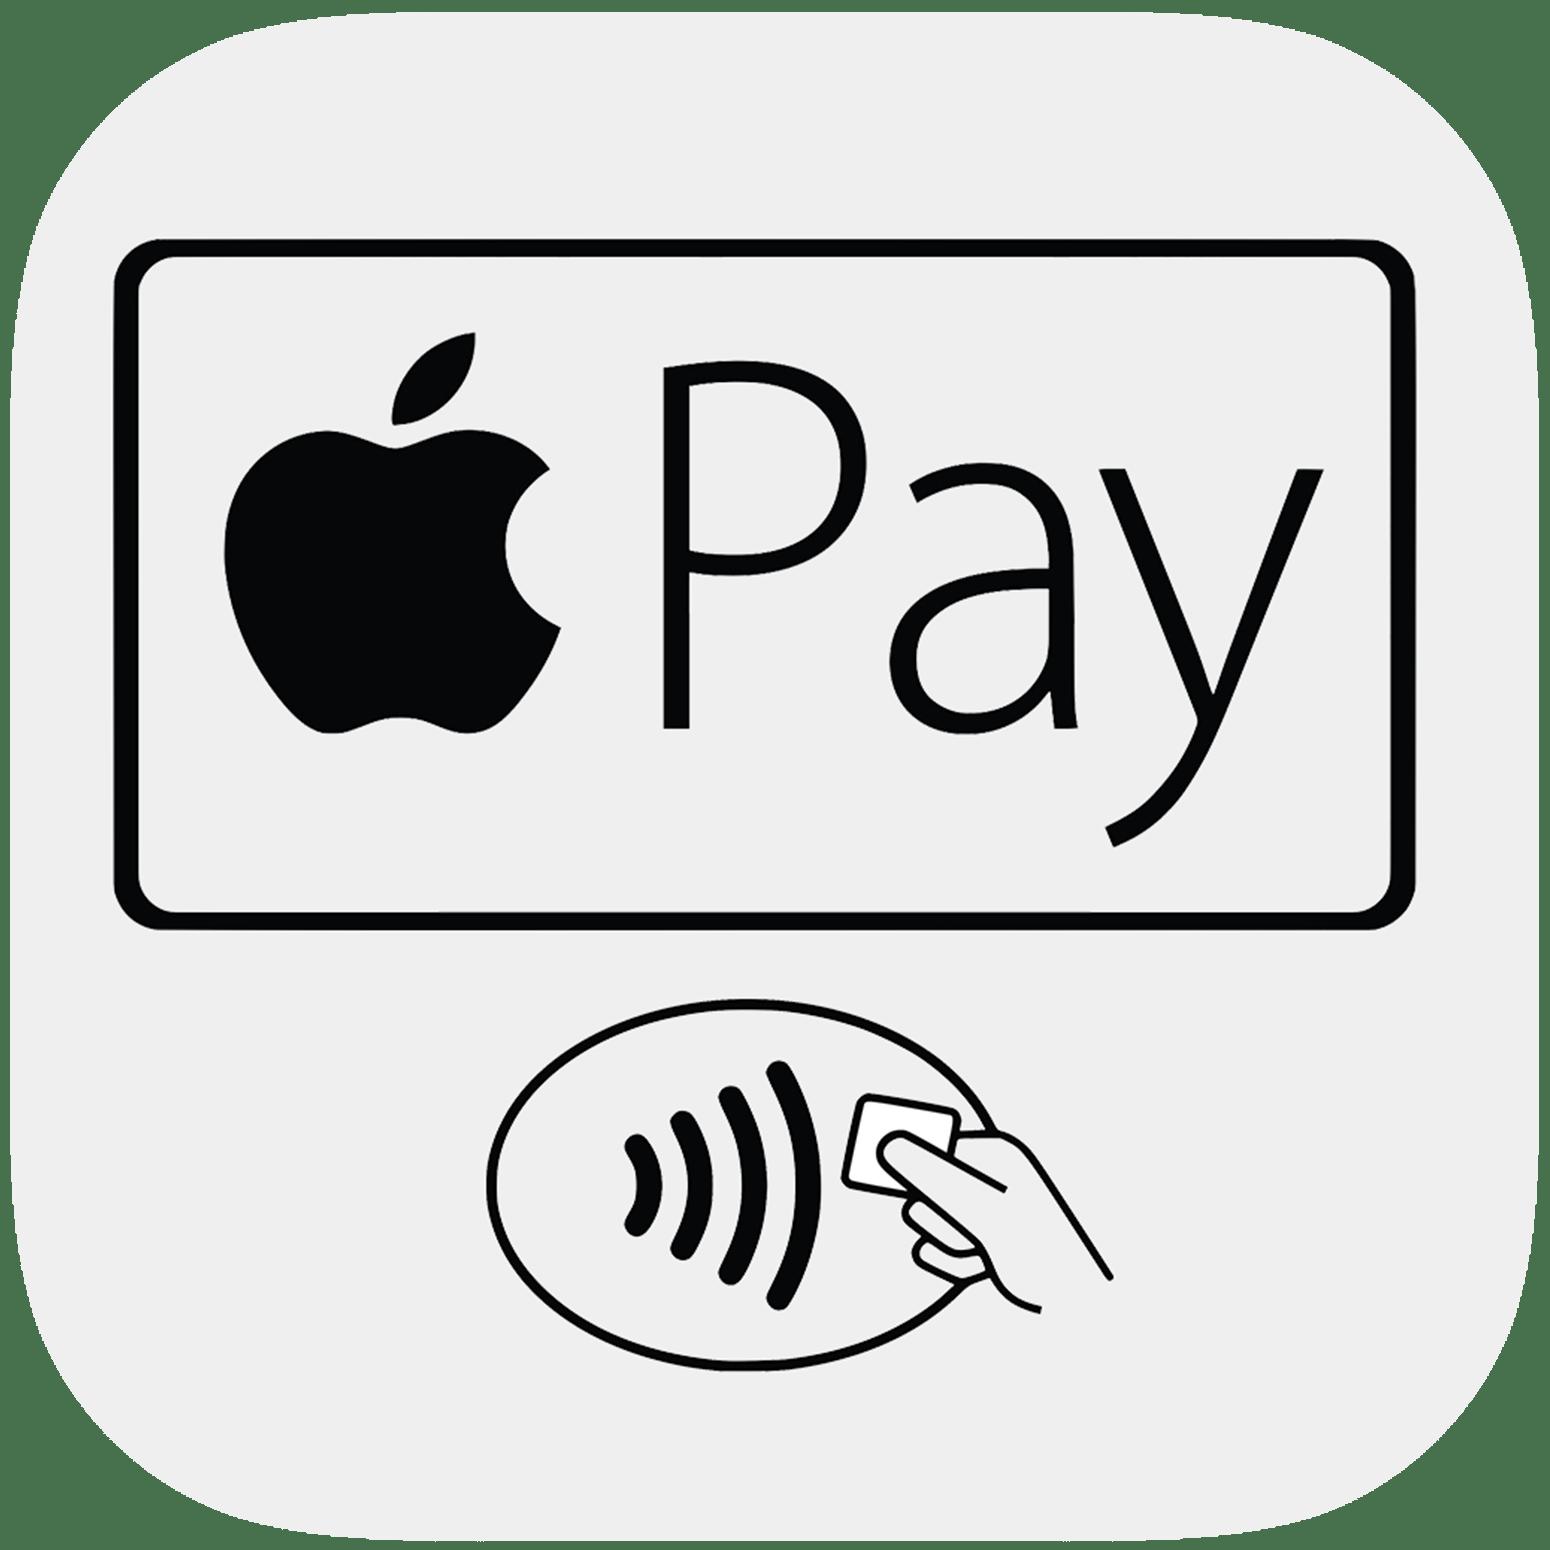 Einzahlungen mit Apple Pay sind schnell und bequem